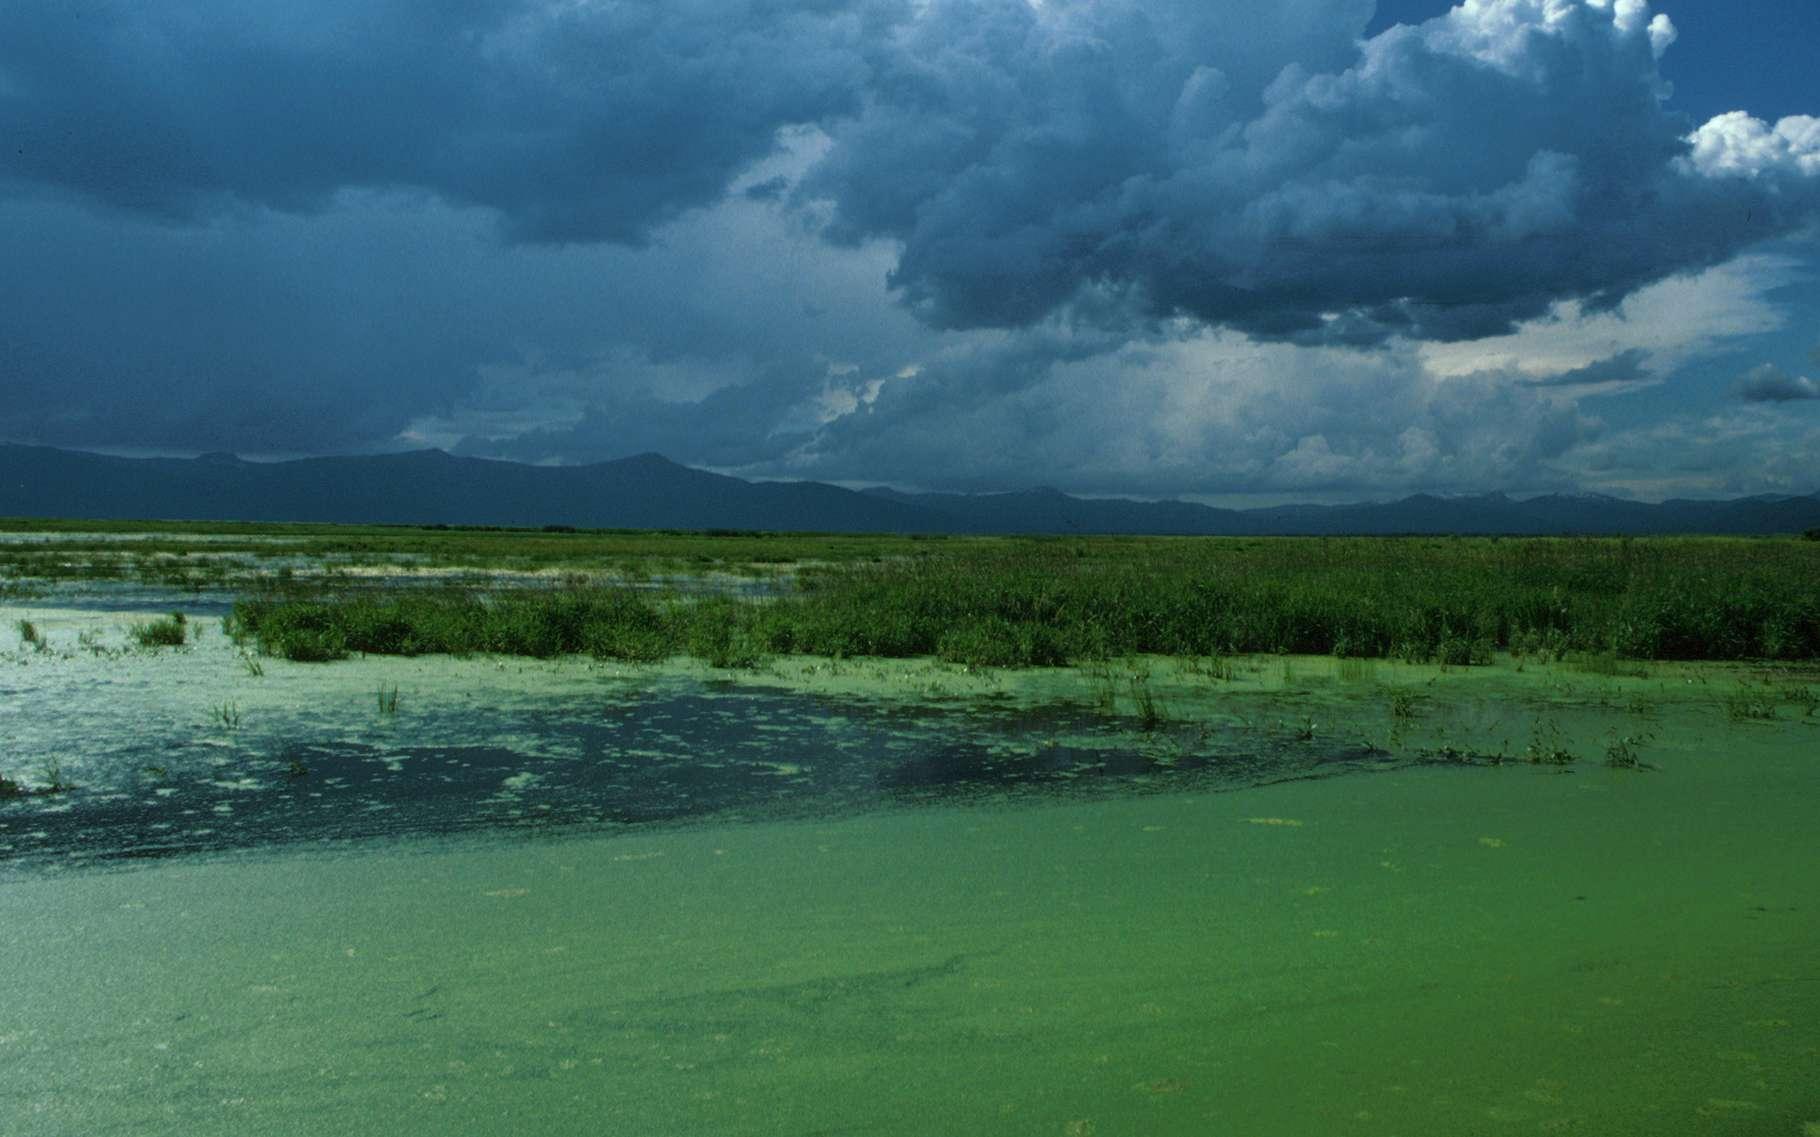 Si elle est considérée comme une algue miraculeuse, la klamath est loin d'avoir fait ses preuves sur le plan scientifique. © U.S. Fish and Wildlife Service, Wikimedia Commons, DP